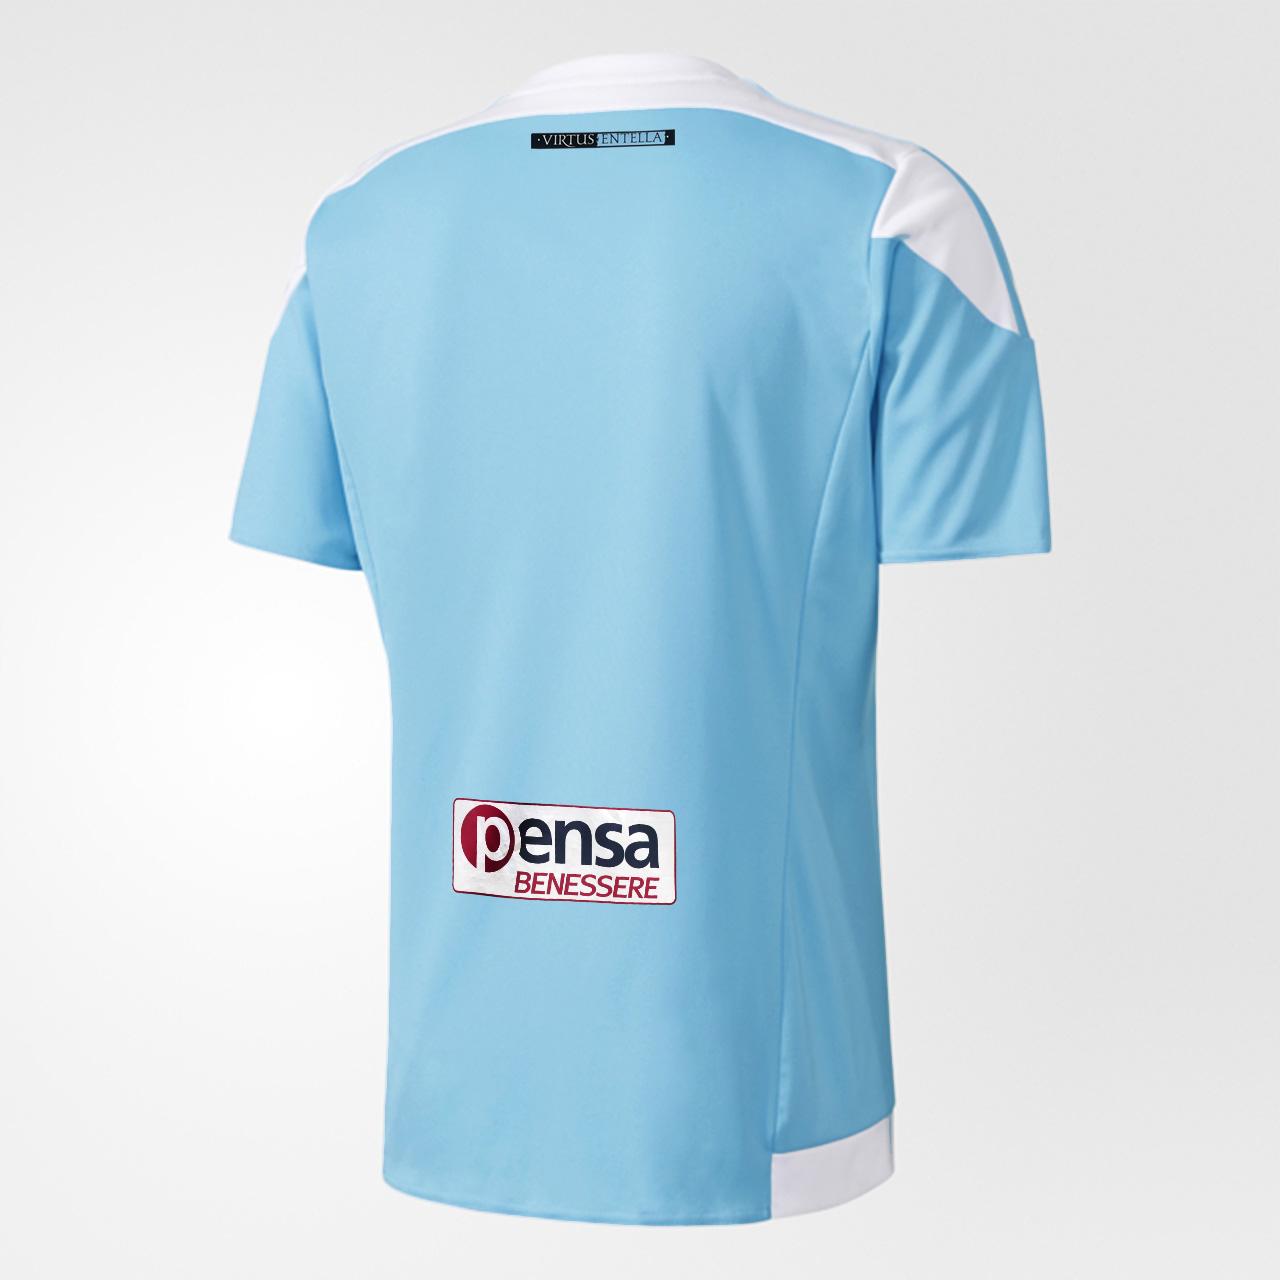 MAGLIA ufficiale stag. 2018/19 adidas Biancoceleste (PRIMA DIVISA) - Virtus Entella Store